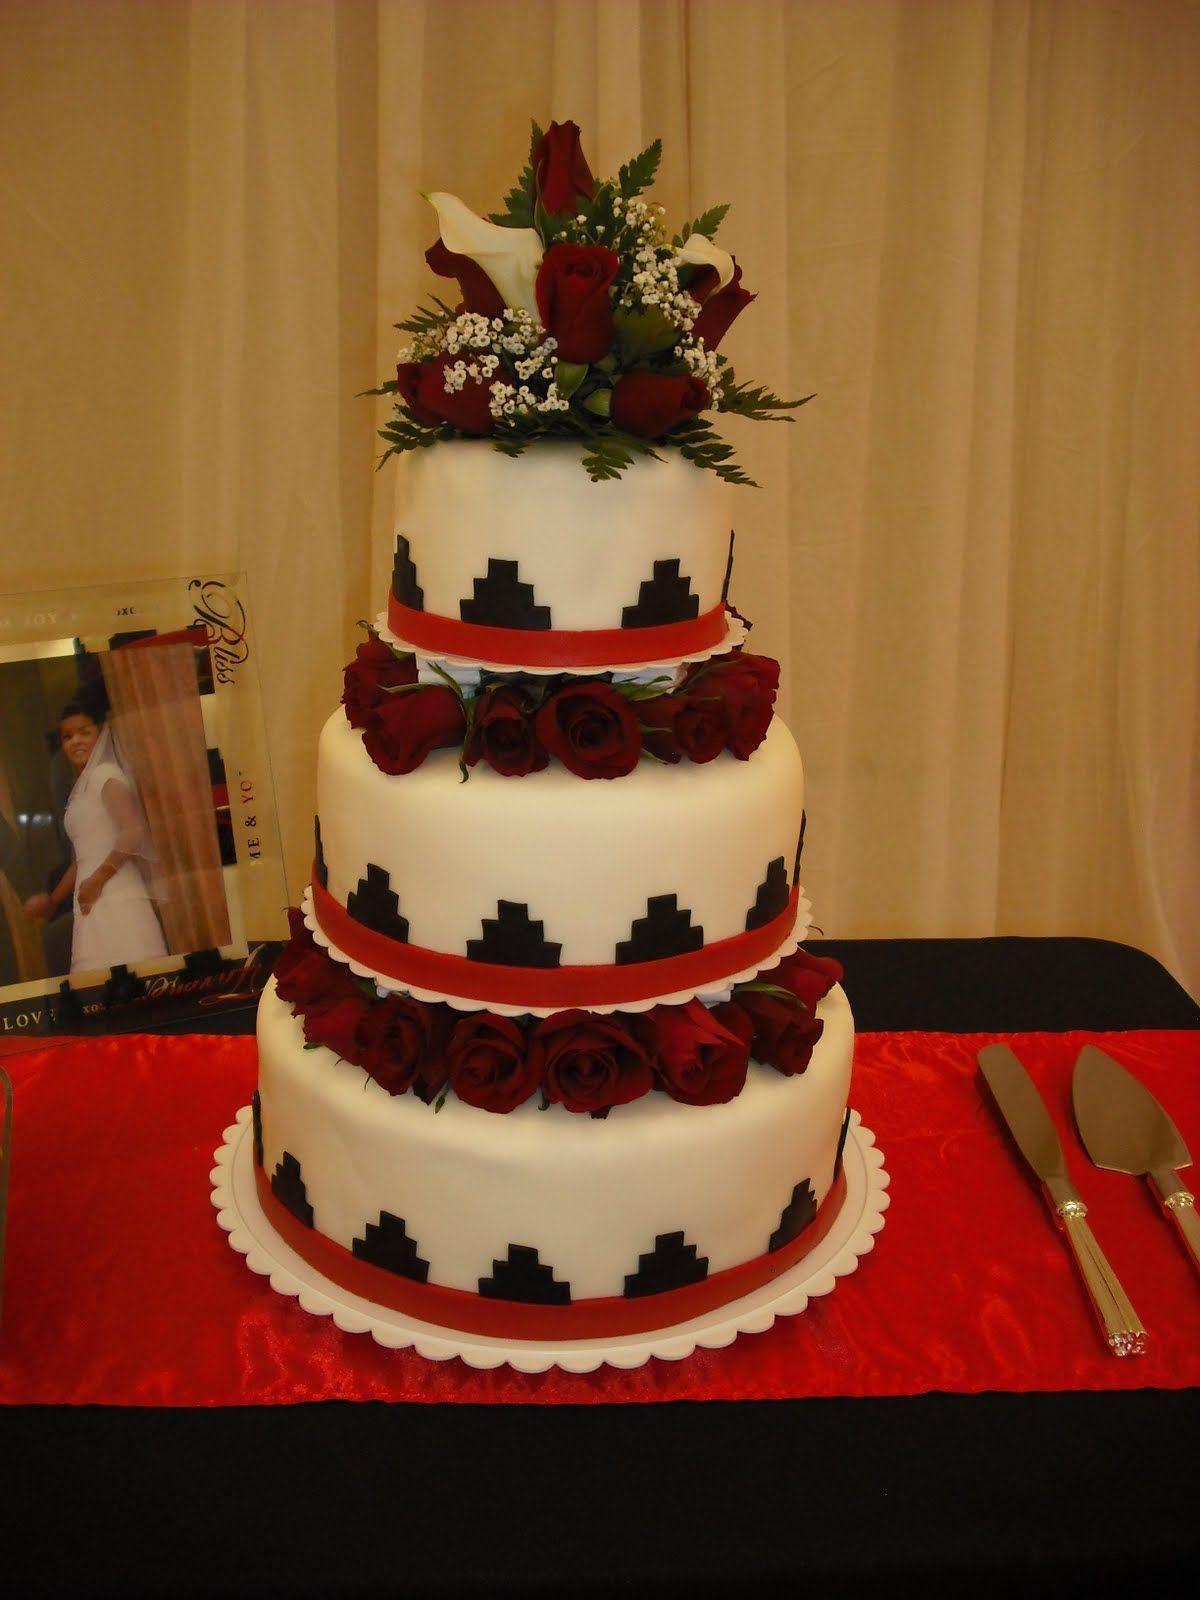 navajo wedding rings Sprinklebelle Navajo Basket Weave Wedding Cake Very pretty